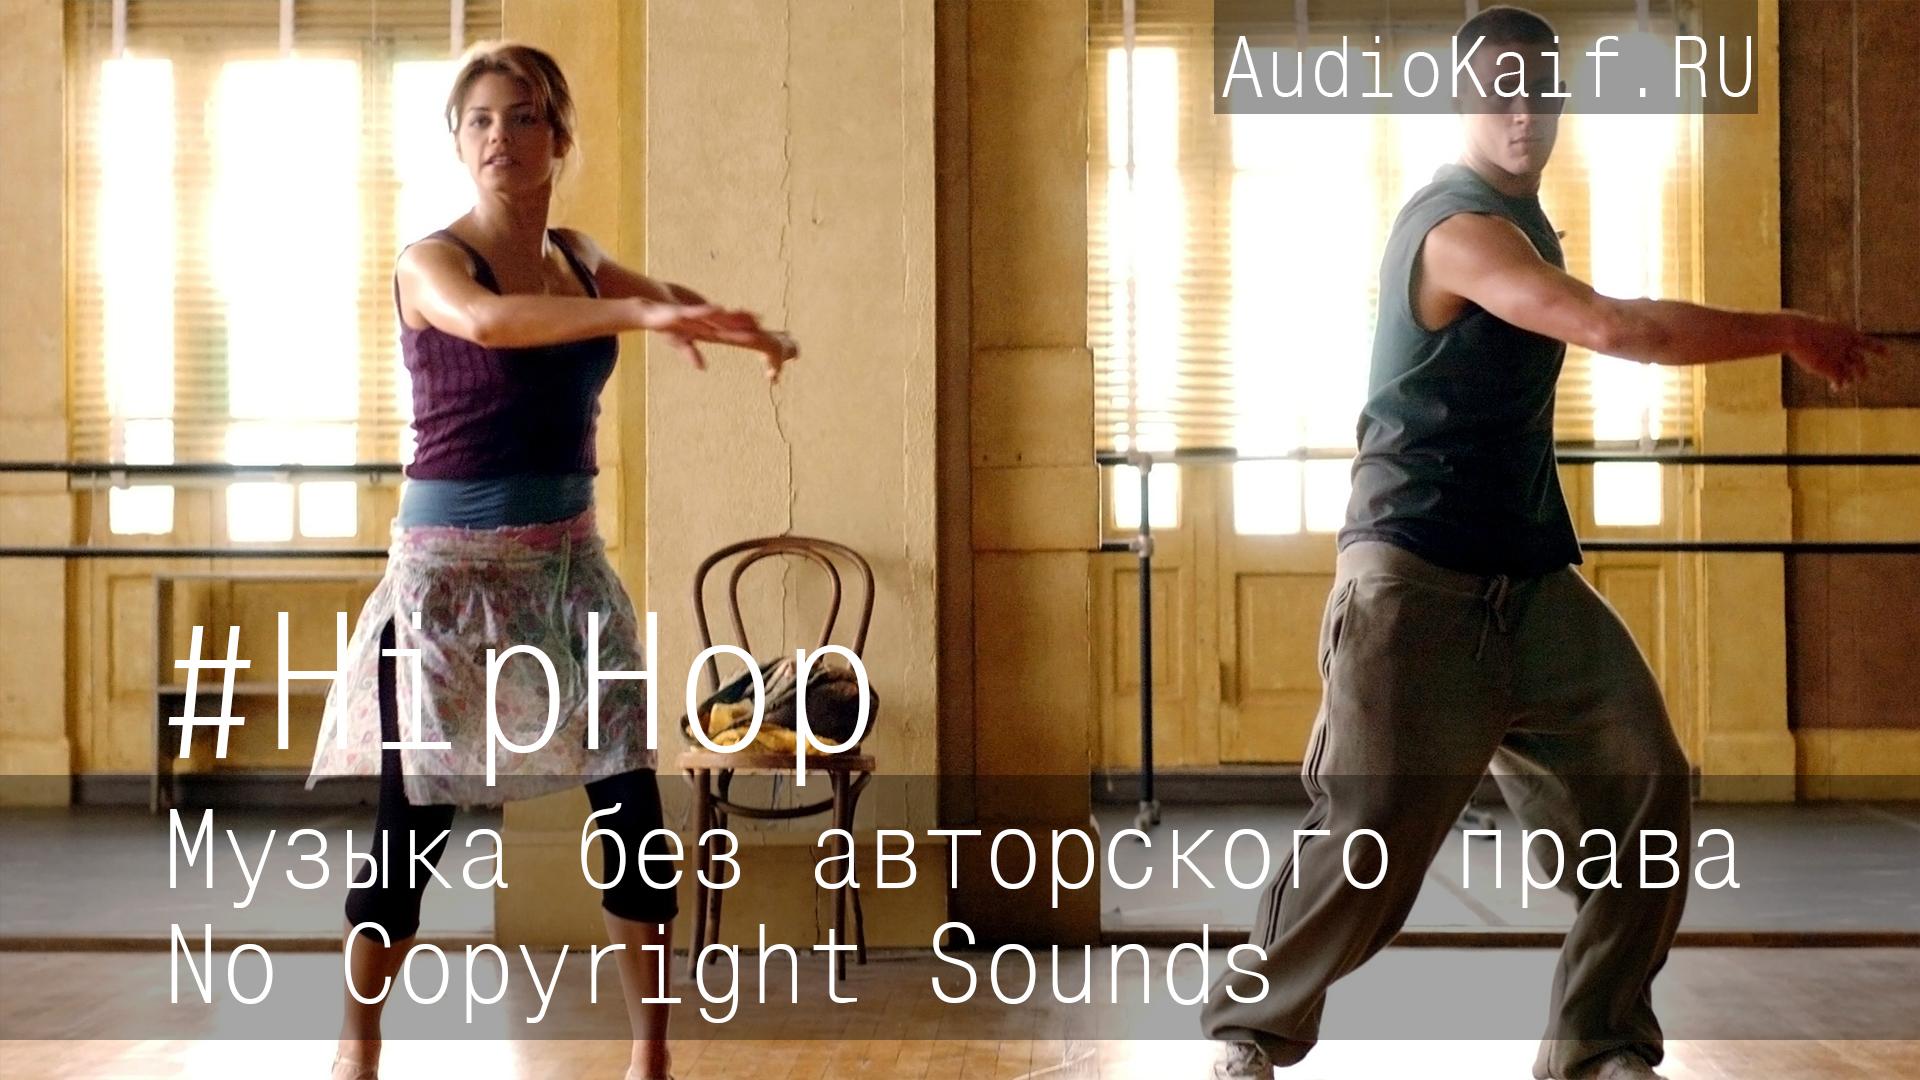 Музыка без авторского права / Racks On Racks / hip hop / музыка ютуб видео